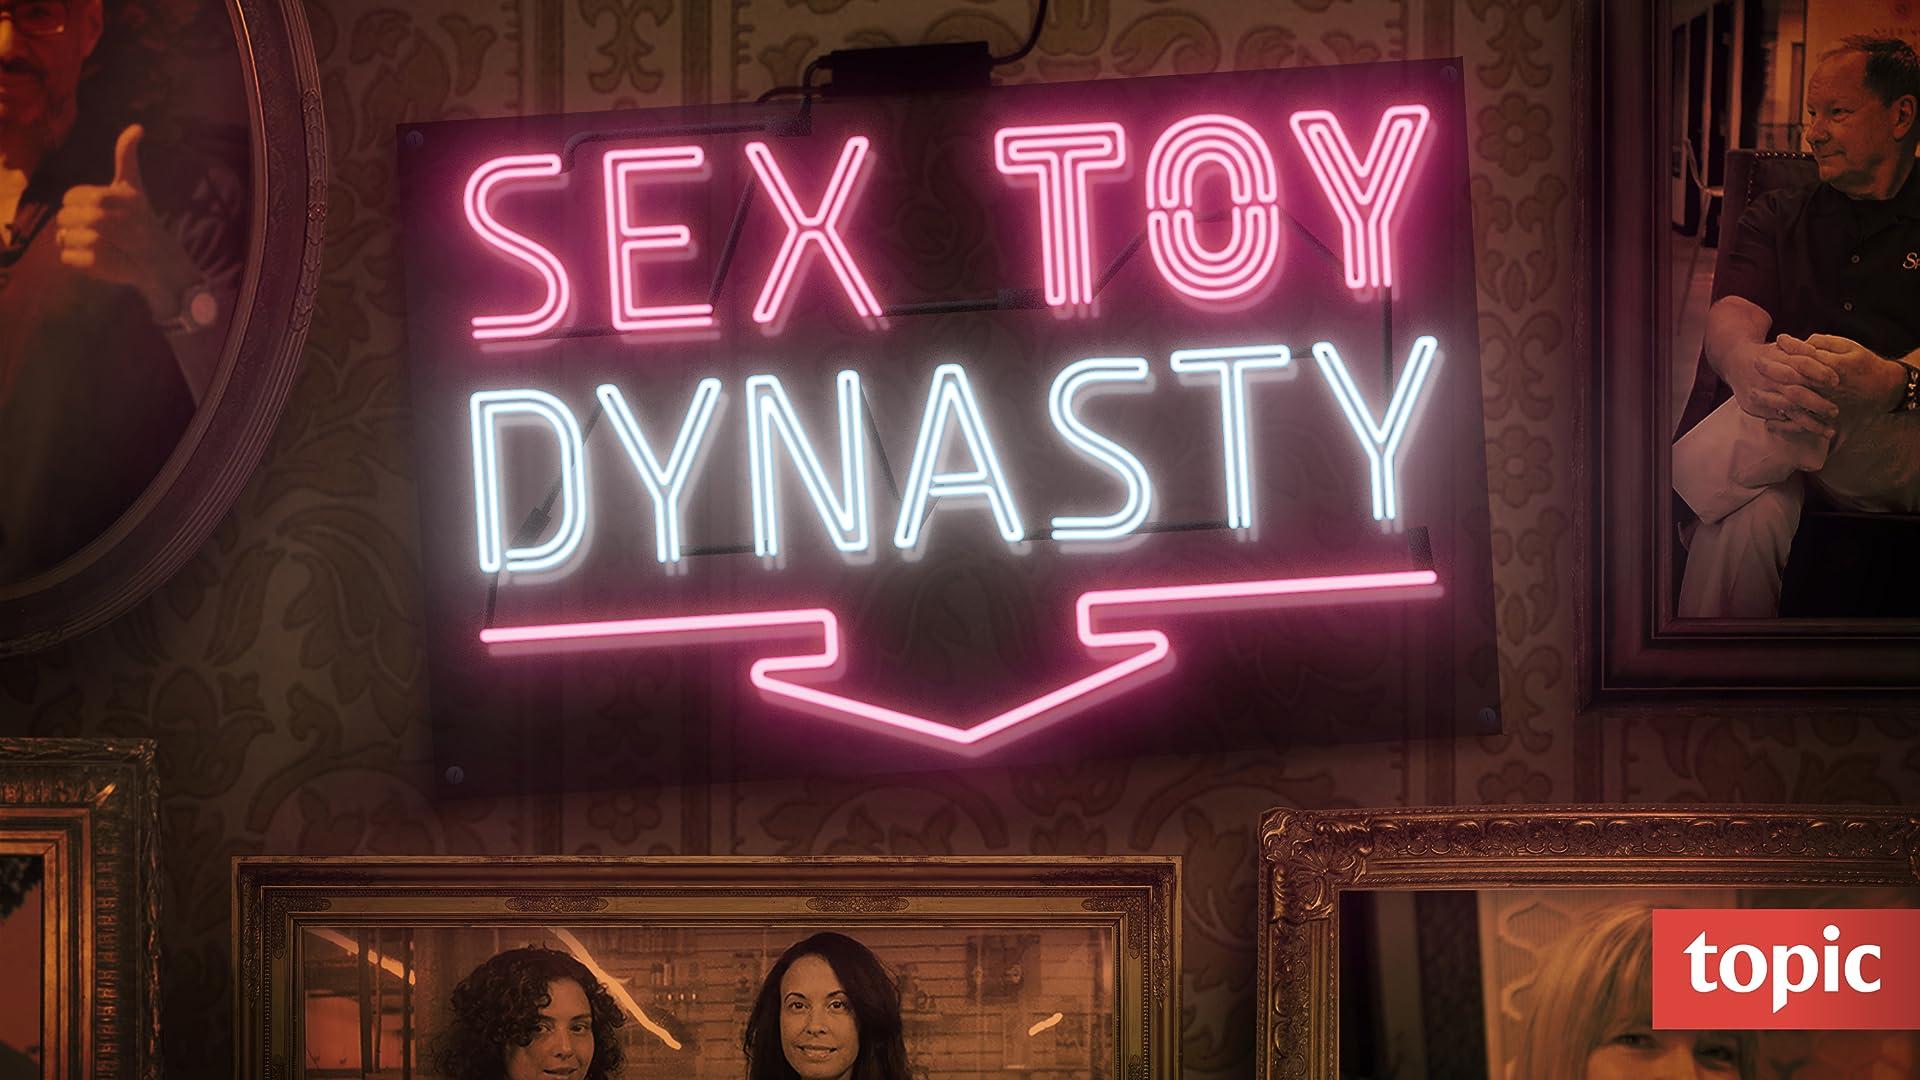 Sex Toy Dynasty Season 1